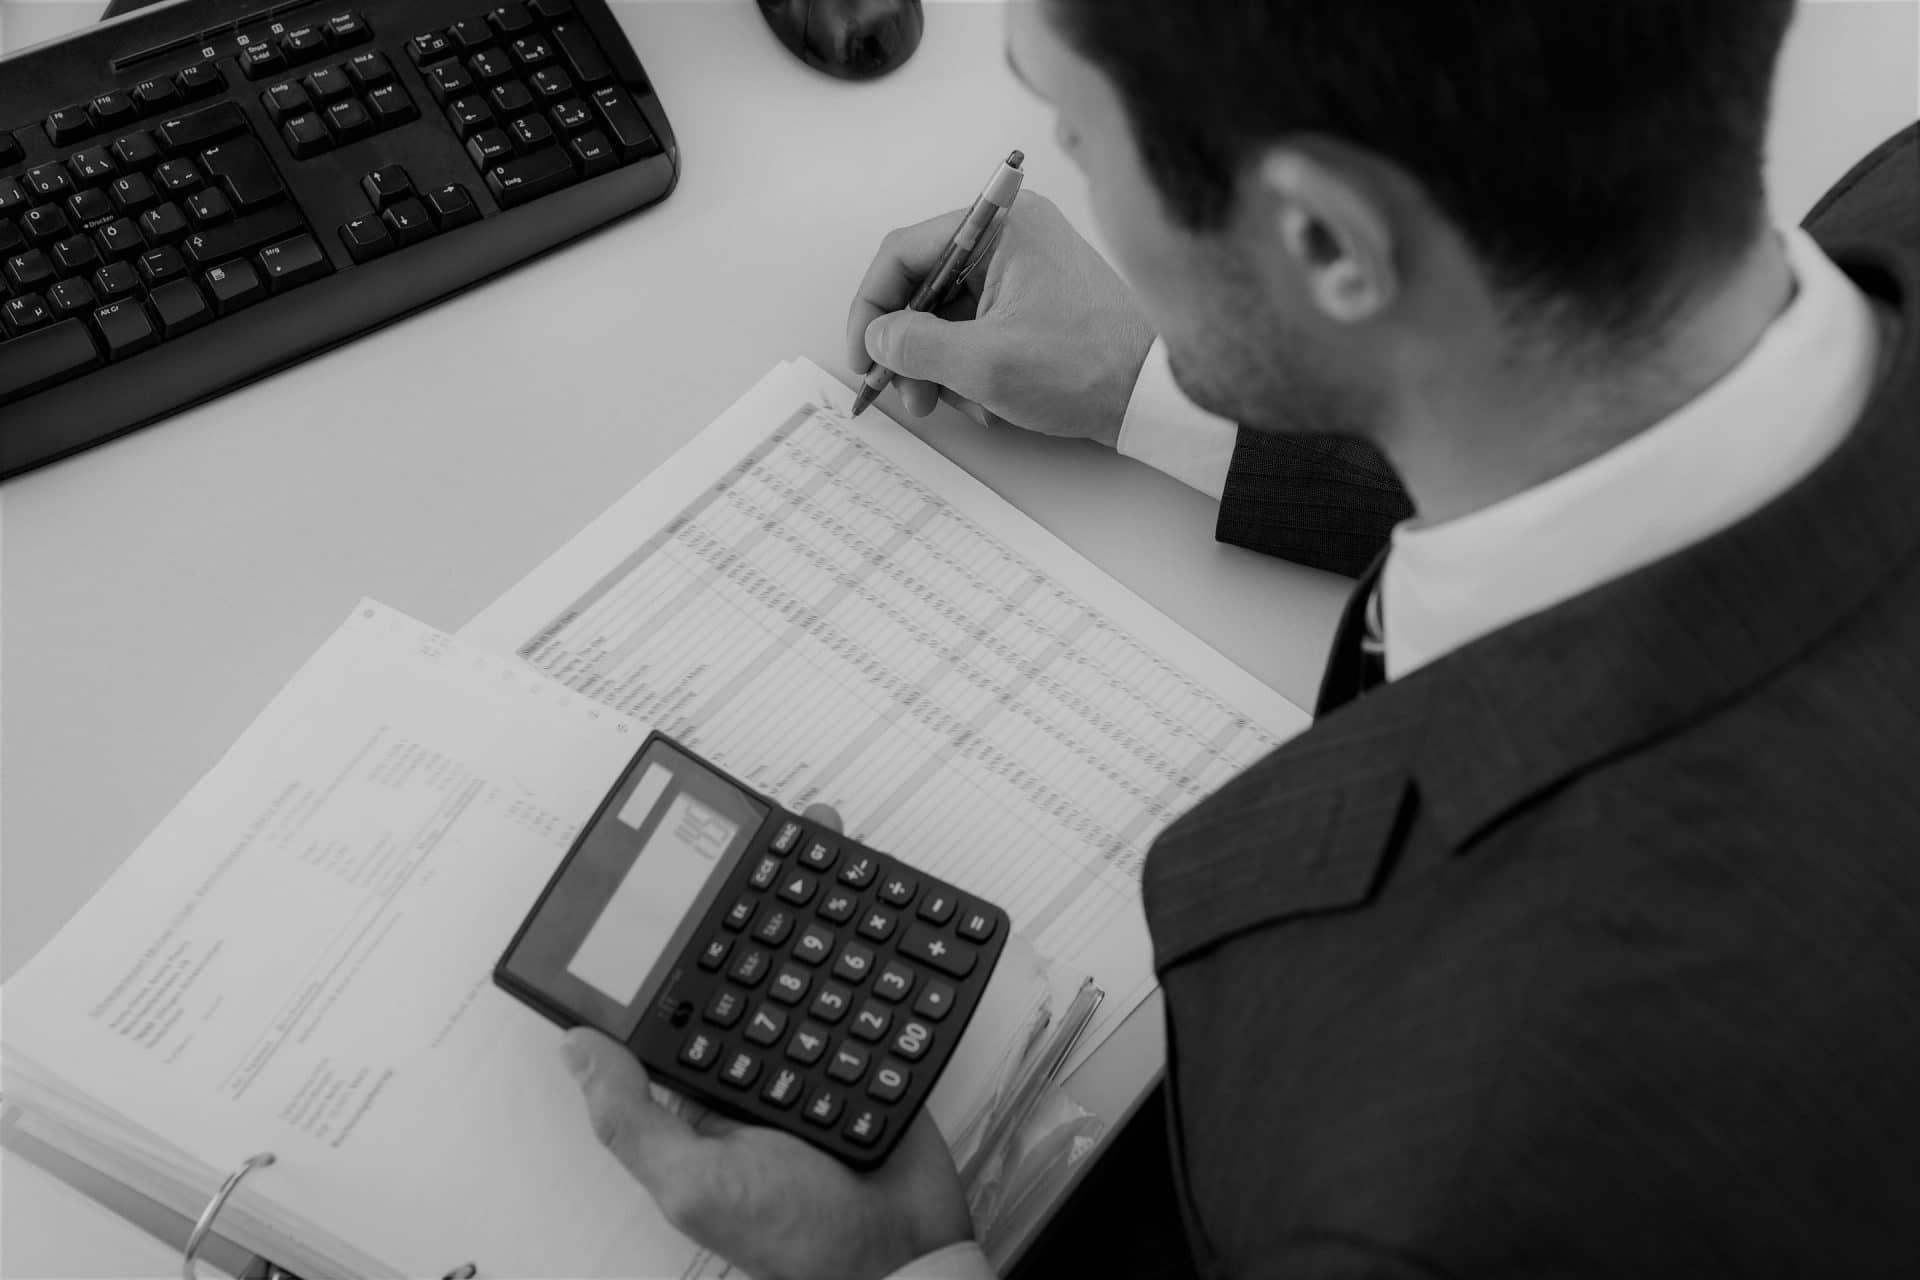 Besparingsonderzoek sociale zekerheid door Be Suitable voor juiste premie en korting